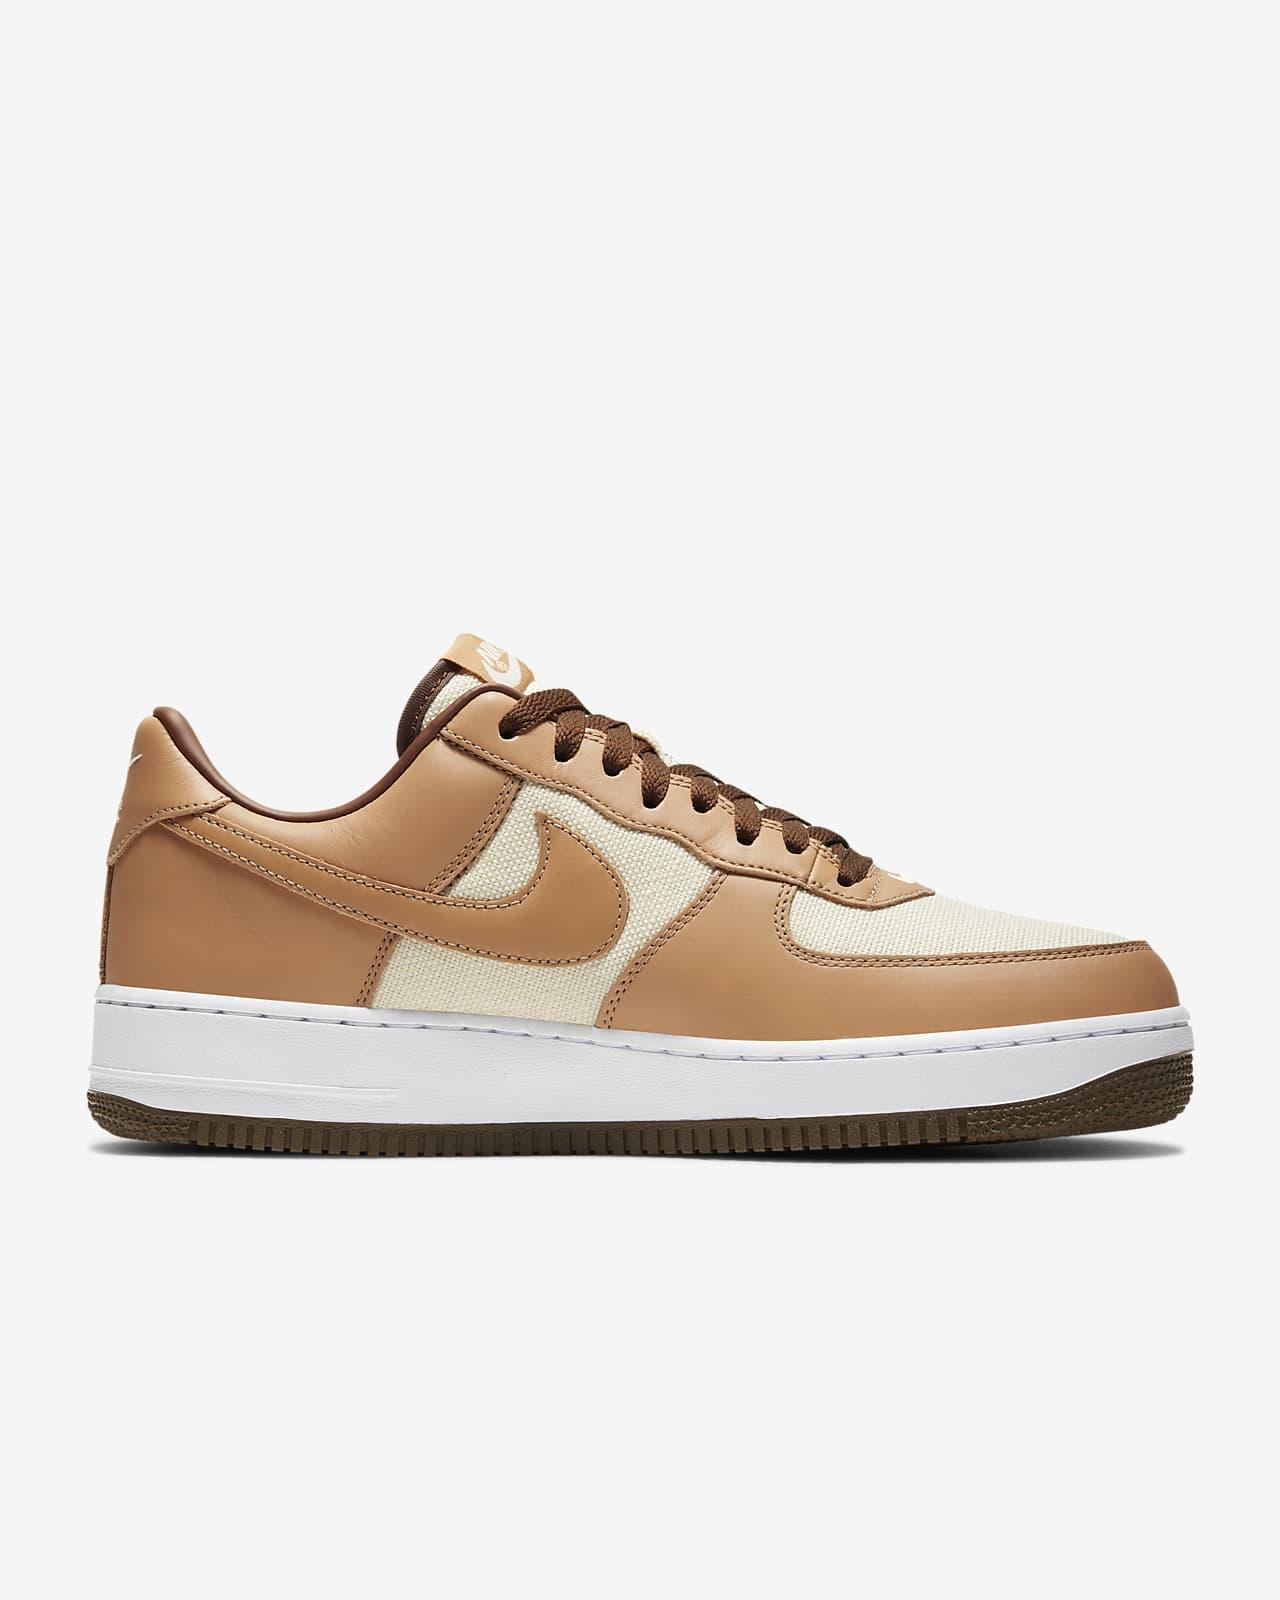 Nike Air Force 1 Men's Shoe